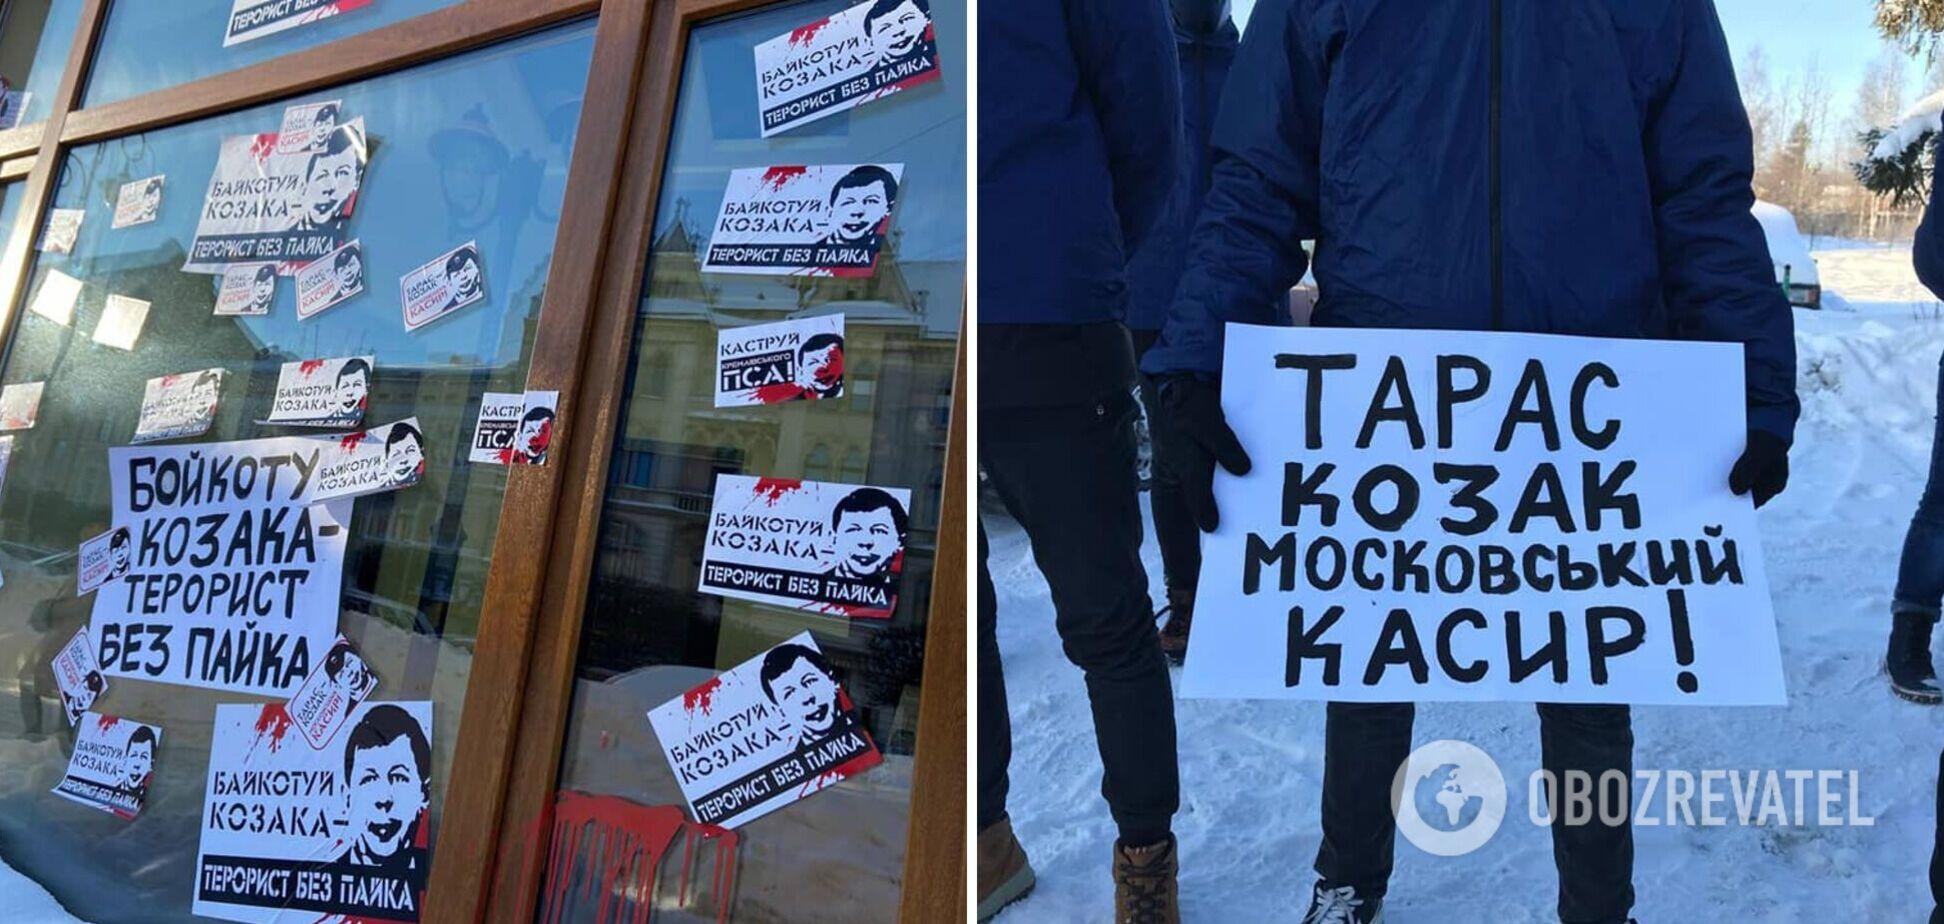 У Львові біля підприємств санкційного Козака влаштували акцію 'Геть московського козачка'. Фото і відео